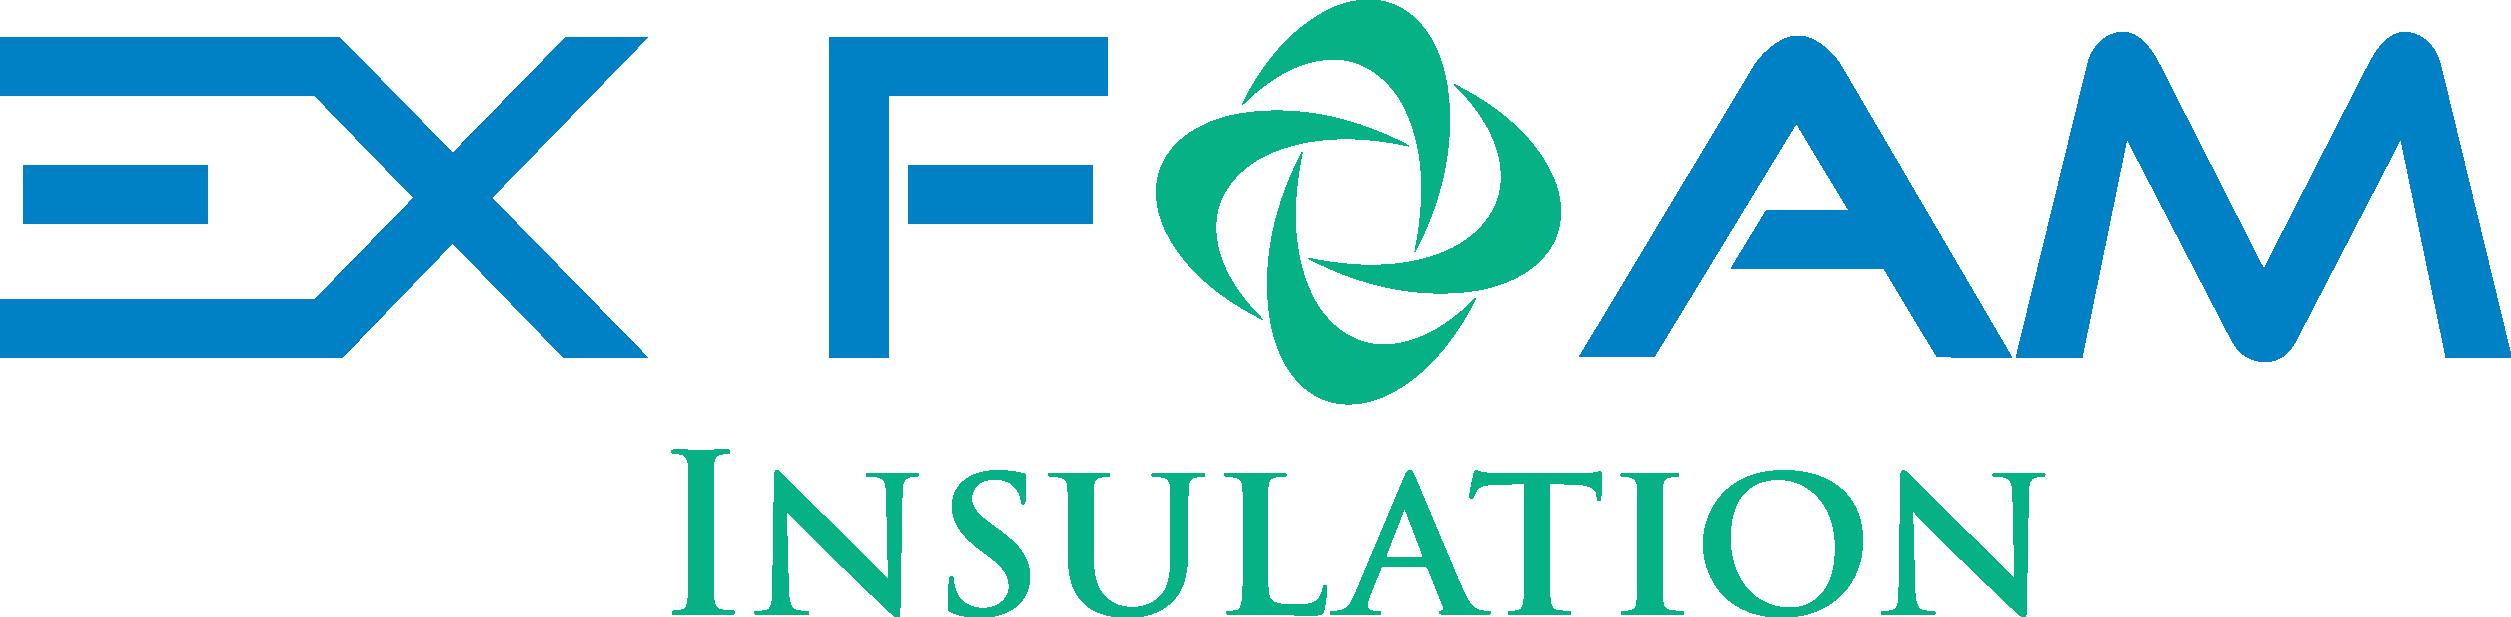 Ex Foam Insulation Sdn Bhd